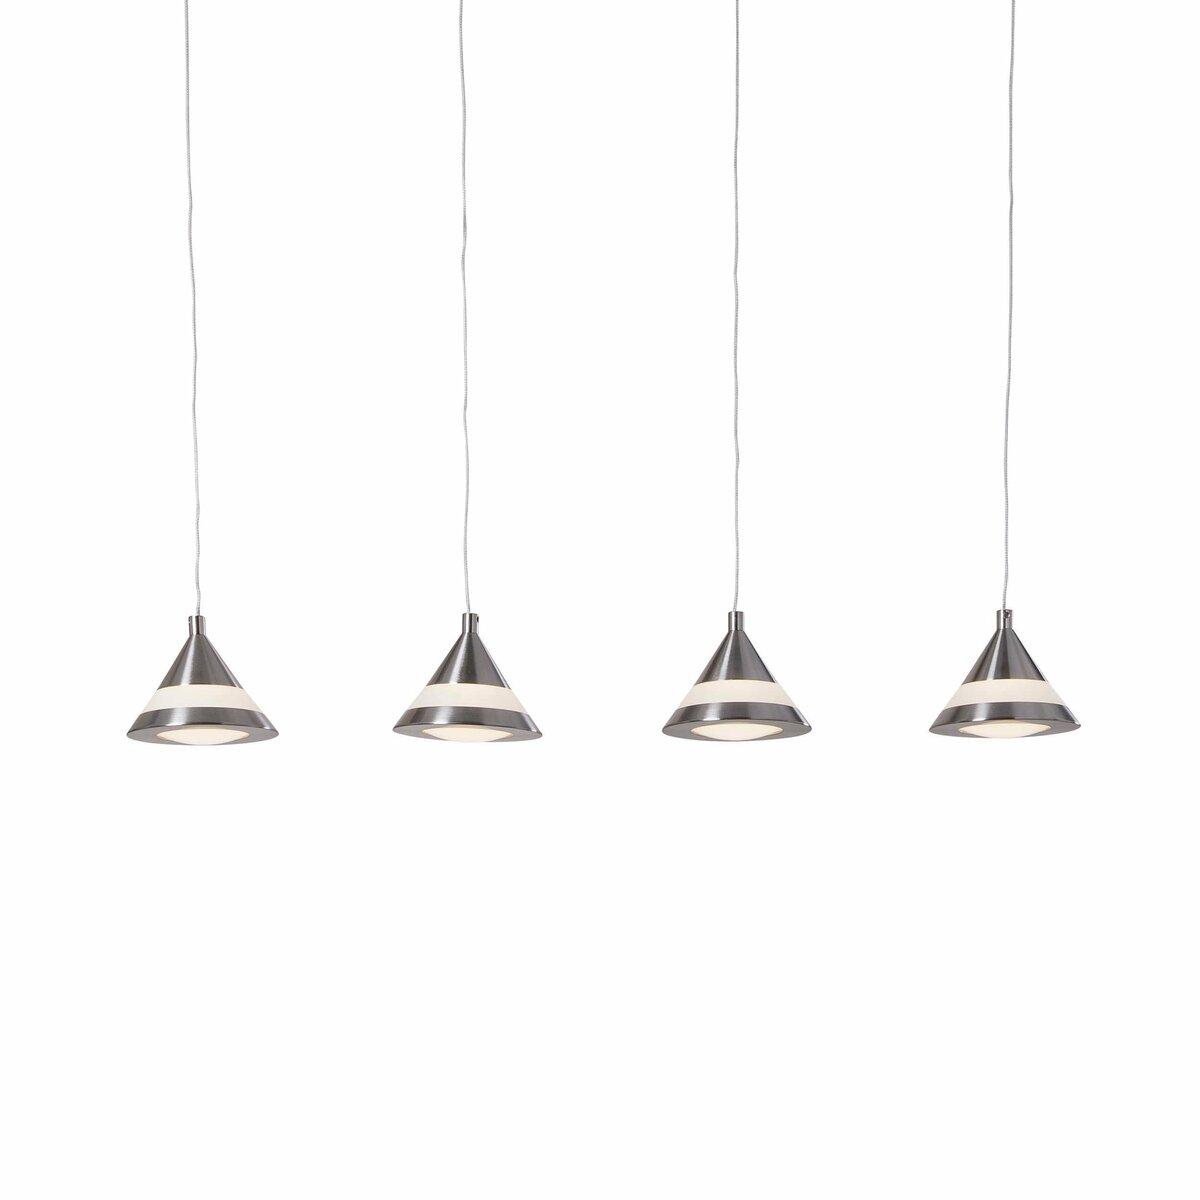 Bild 2 von DesignLive LED-Pendelleuchte